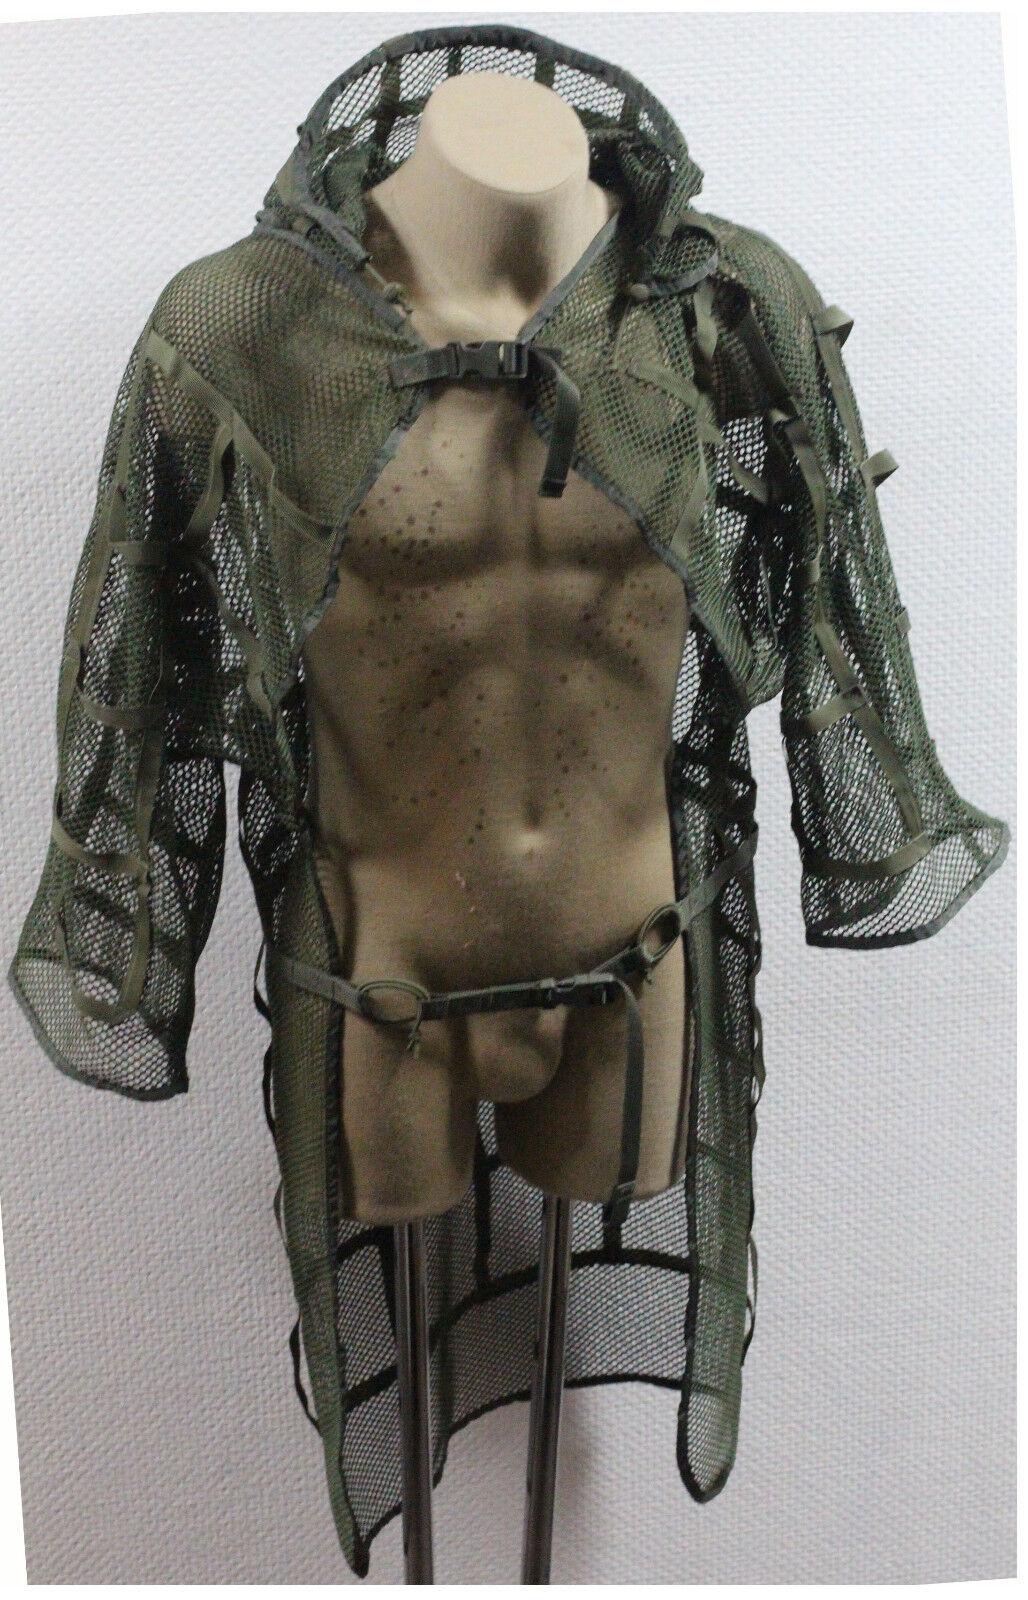 Ruso Alforjas MILSPEC Malla Disfraz Cape francotirador manto verde del OD